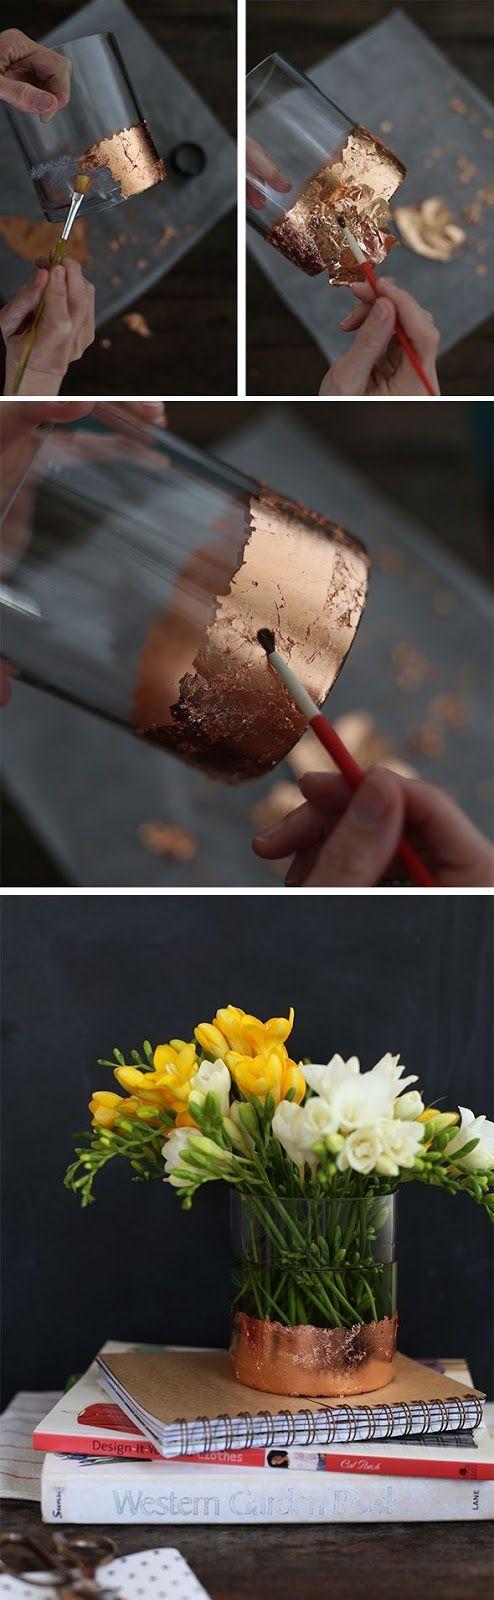 Folhas de ouro são encontradas em casas de material para artesanato ou papelarias especializadas. O manuseio é simples: escolha o que você vai decorar - um pote de vidro, por exemplo - passe cola branca com um pincel na parte que for receber o dourado e vá aplicado a folha de ouro na cola.